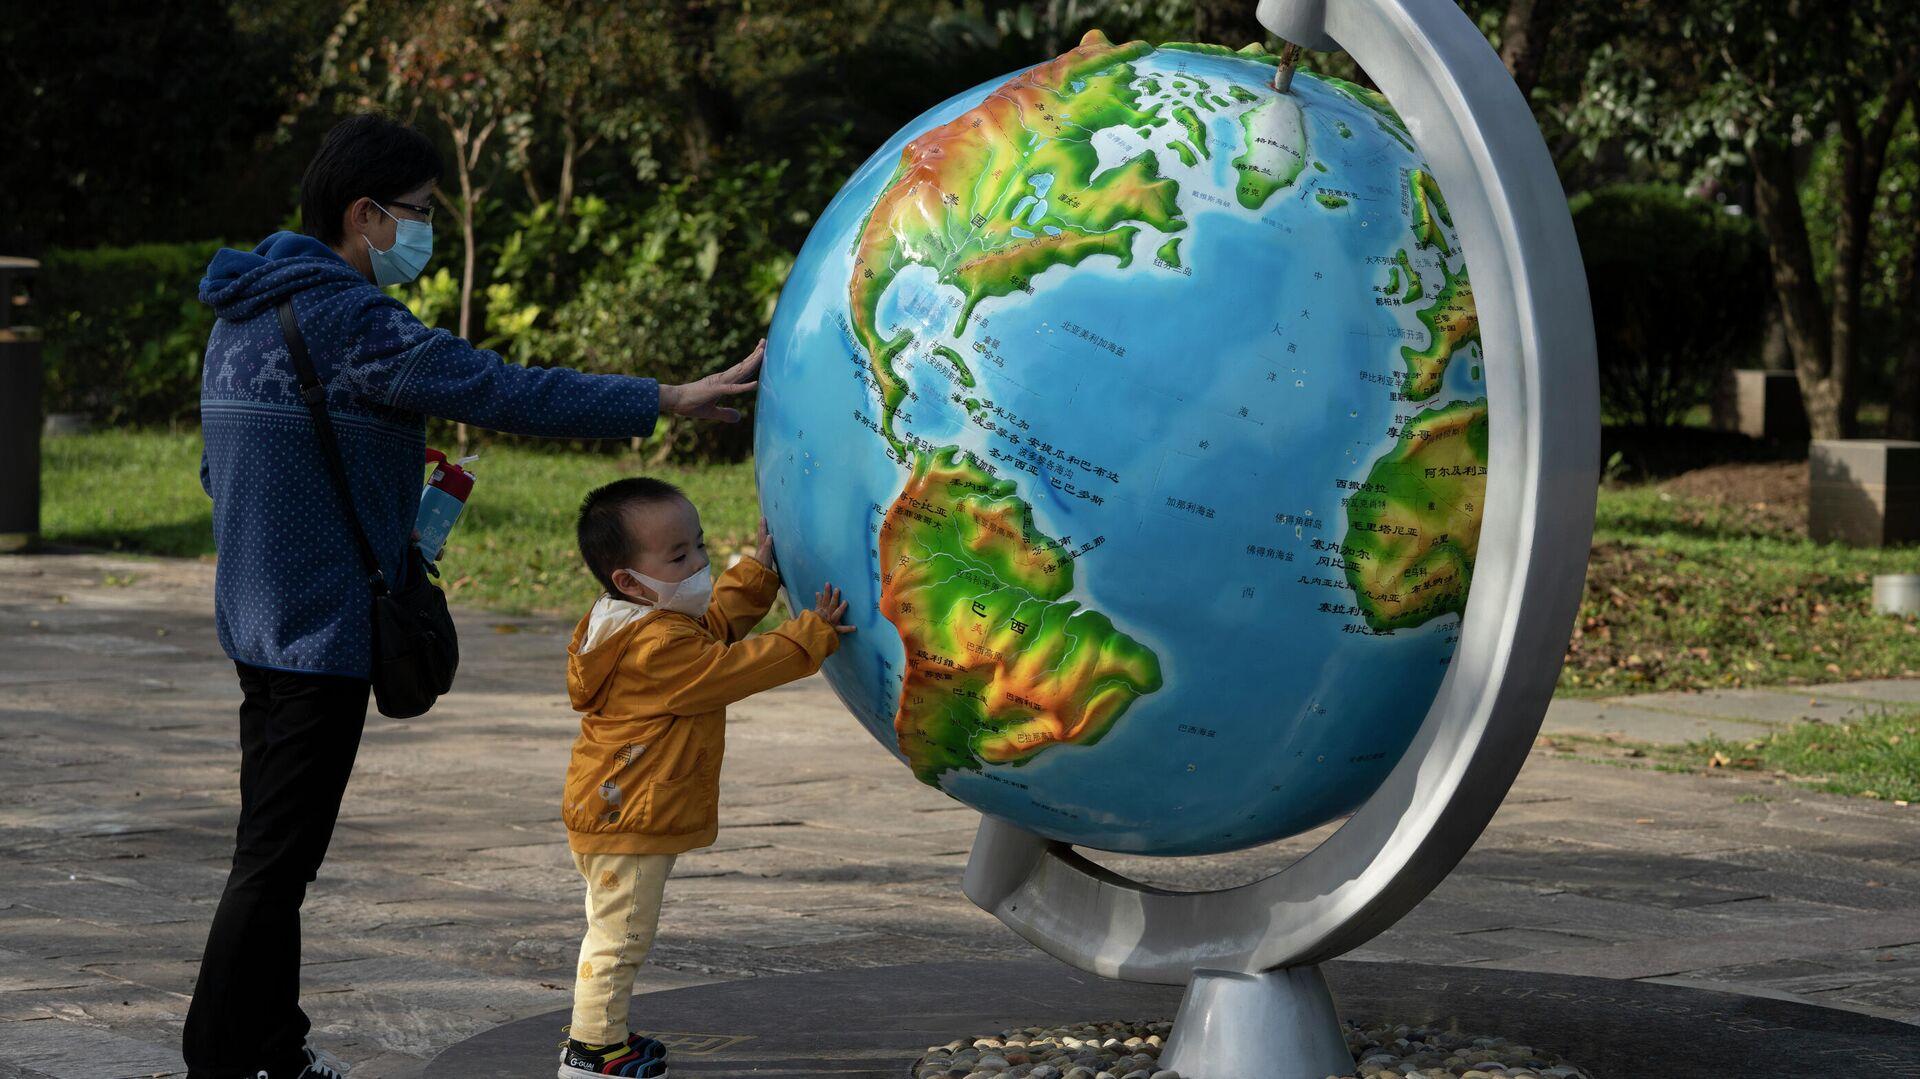 Женщина с ребенком у глобуса в парке в Ухани, Китай - РИА Новости, 1920, 23.06.2021